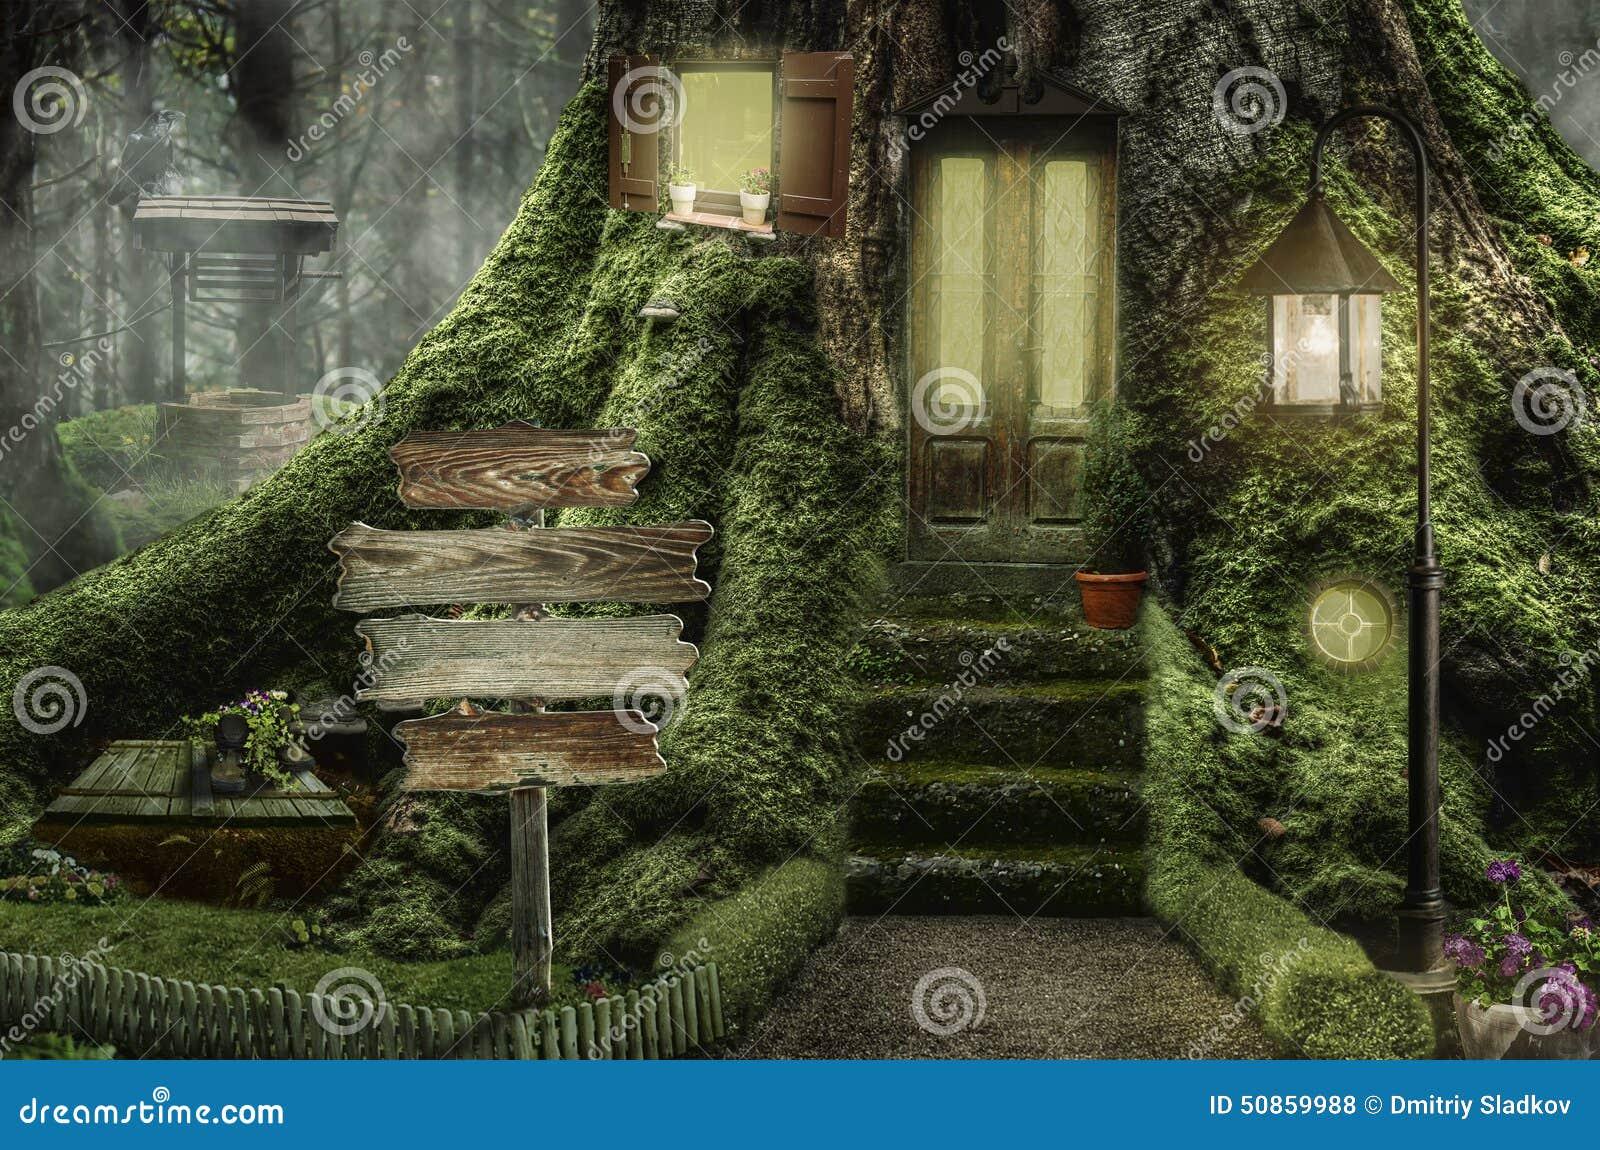 Tree stump fairy house - Collage Fairy Illustration Stump